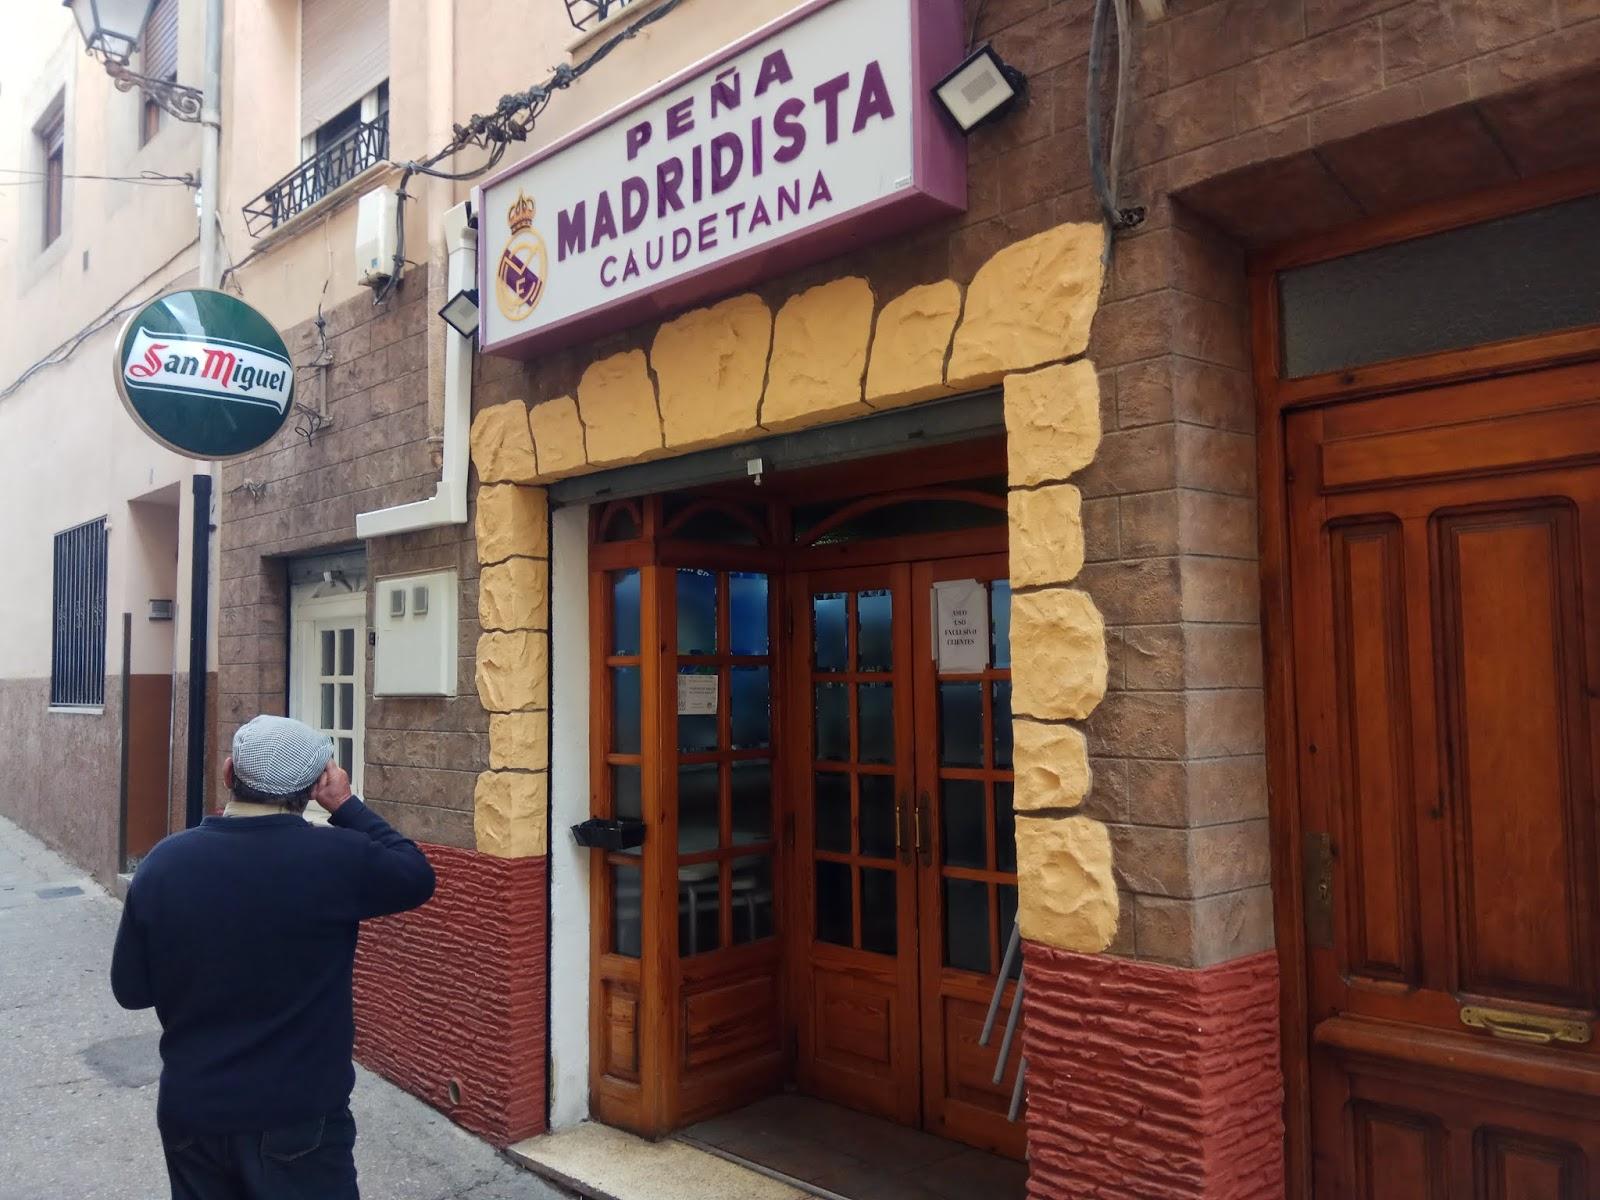 El jueves era festivo en Caudete  el día de la Comunidad Castellano  Manchega. Las reservas de Hoteles en Benidorm se habían disparado para  festejar el día ... ed4436f66048e